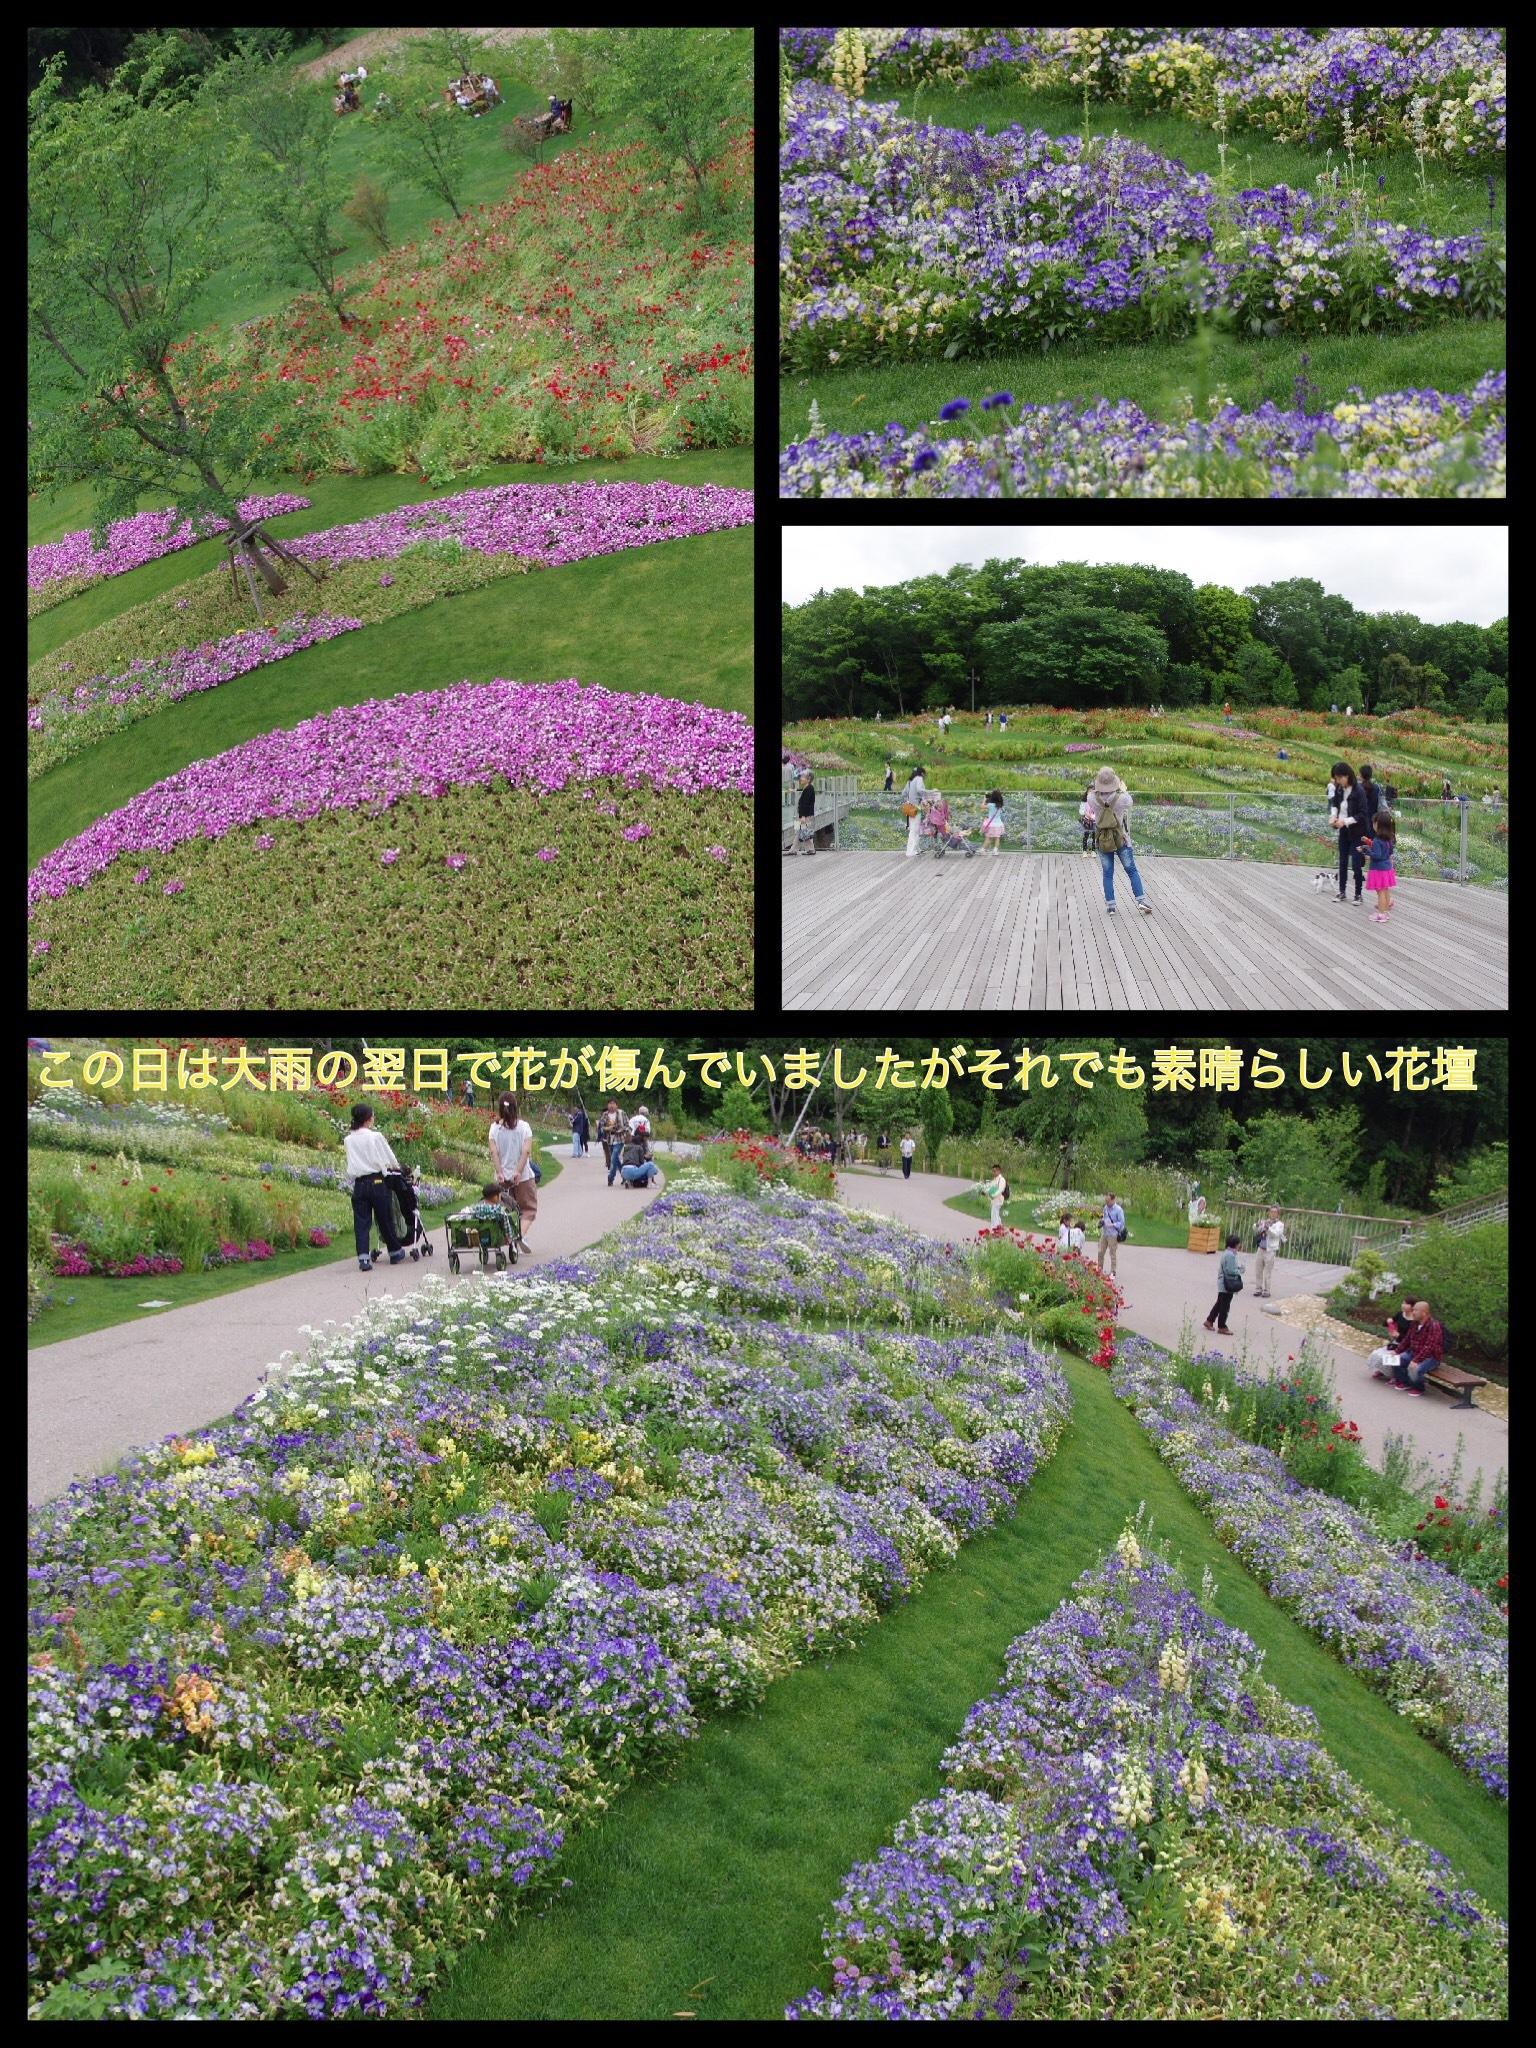 ガーデンネックレス 横浜2017 里山ガーデン会場